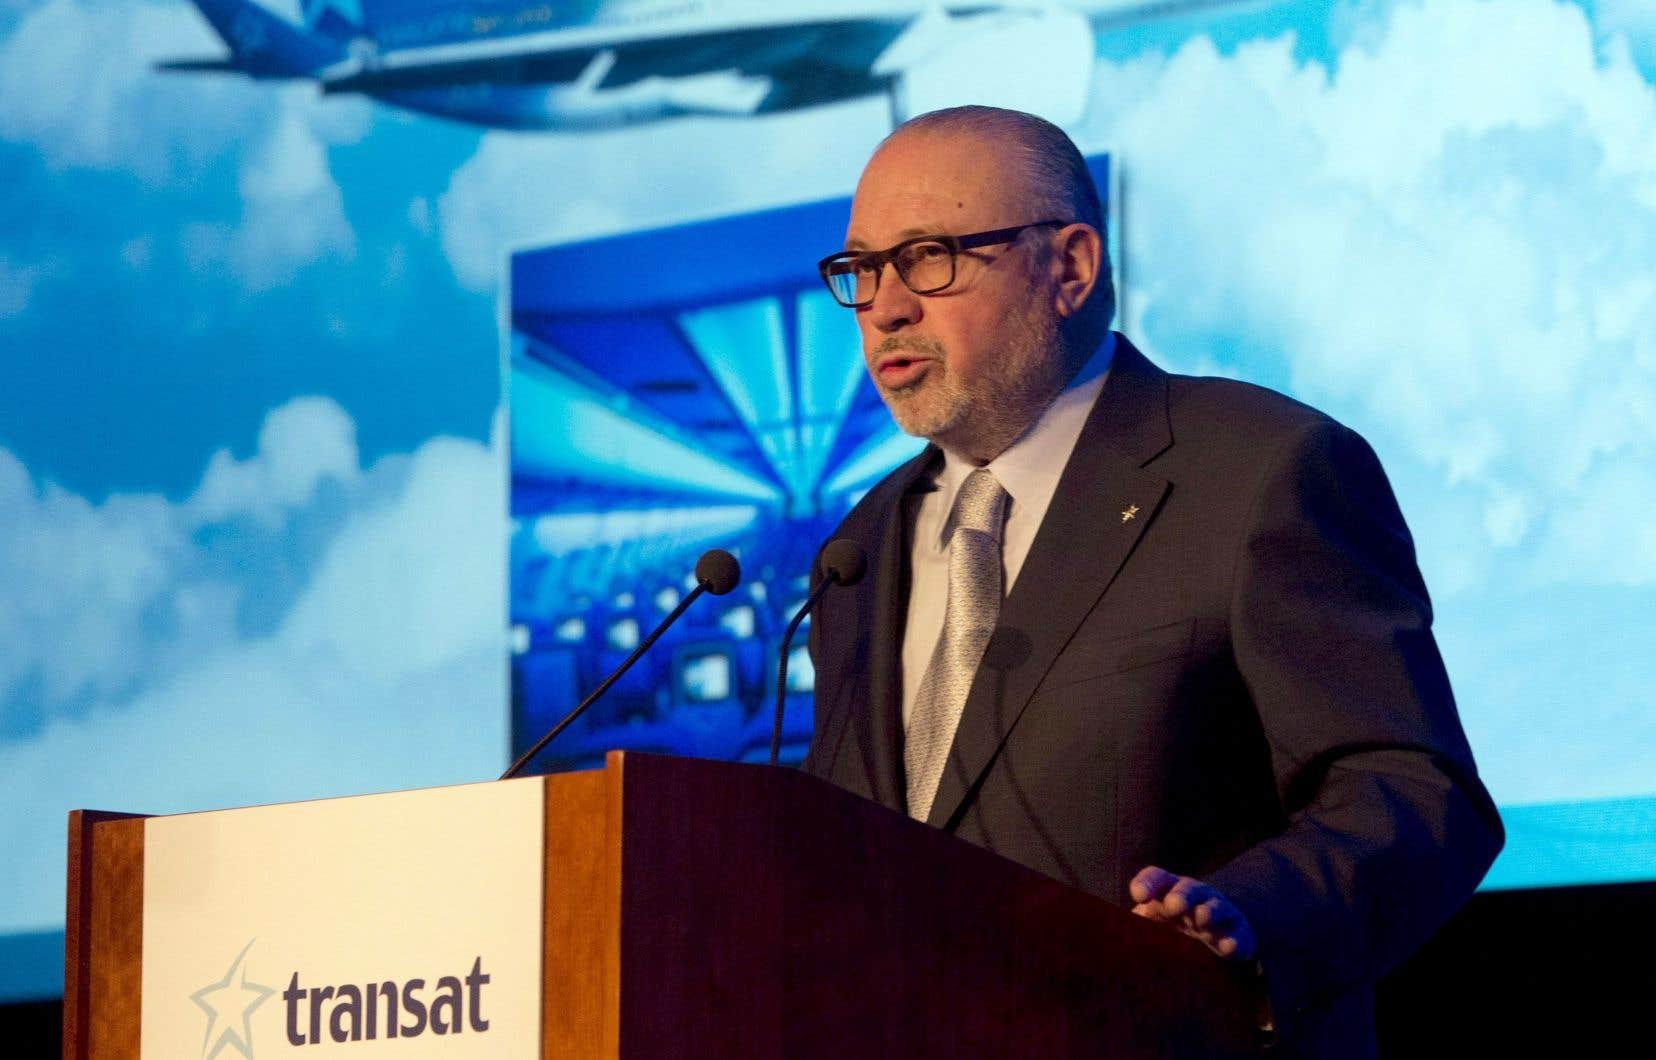 Le fondateur et p.-d.g. de Transat, Jean-Marc Eustache, prend sa retraite et cède son poste à Annick Guérard, qui était jusqu'ici directrice des opérations pour le voyagiste.